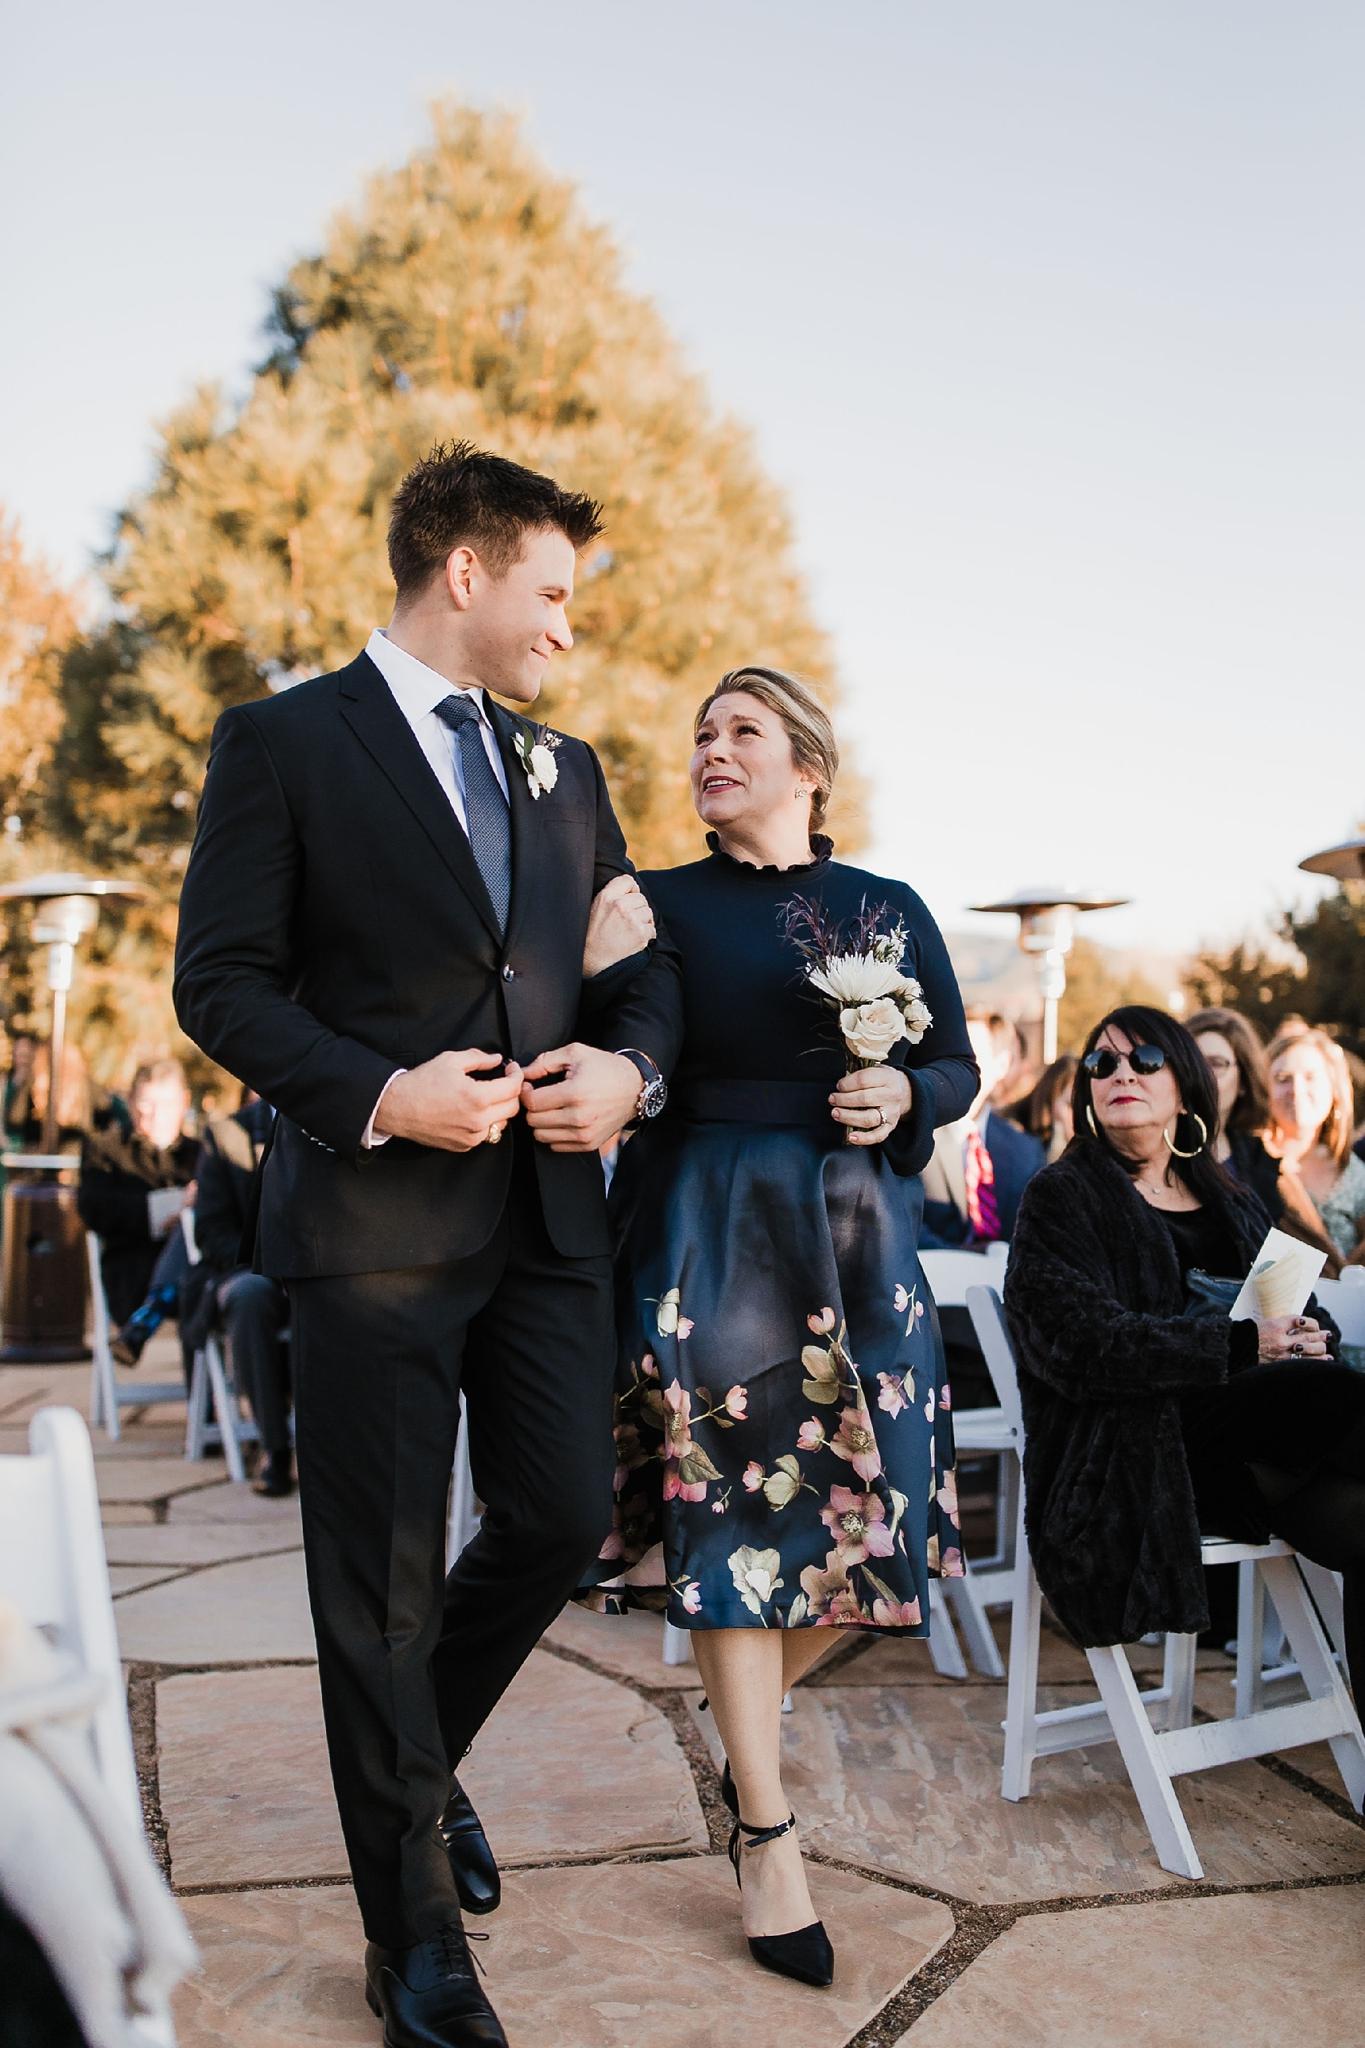 Alicia+lucia+photography+-+albuquerque+wedding+photographer+-+santa+fe+wedding+photography+-+new+mexico+wedding+photographer+-+new+mexico+wedding+-+santa+fe+wedding+-+four+seasons+wedding+-+winter+wedding_0041.jpg